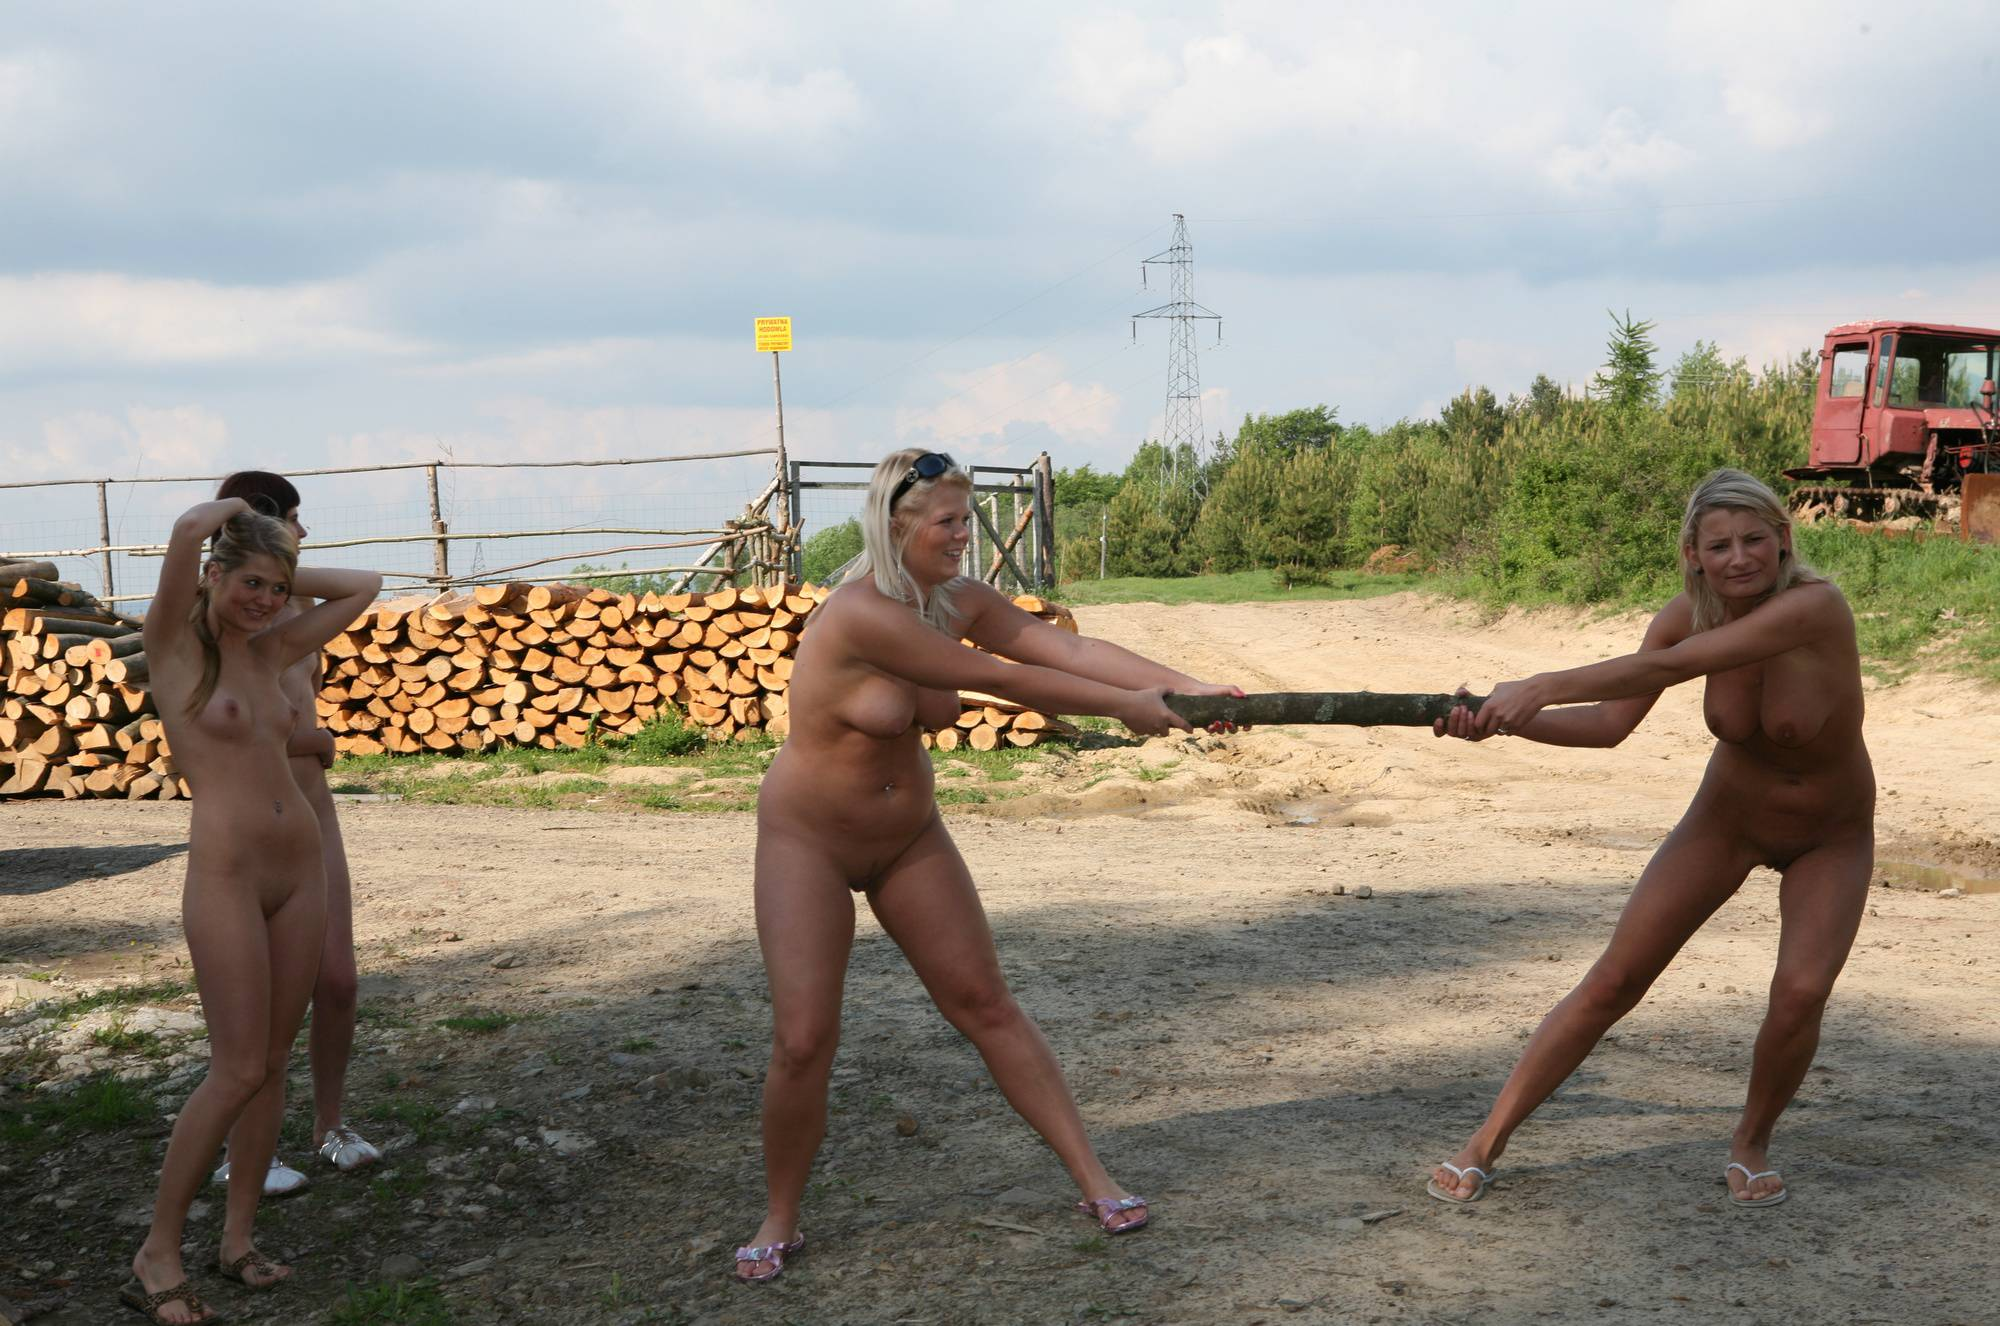 Purenudism-Woody Lumber Yard - 2